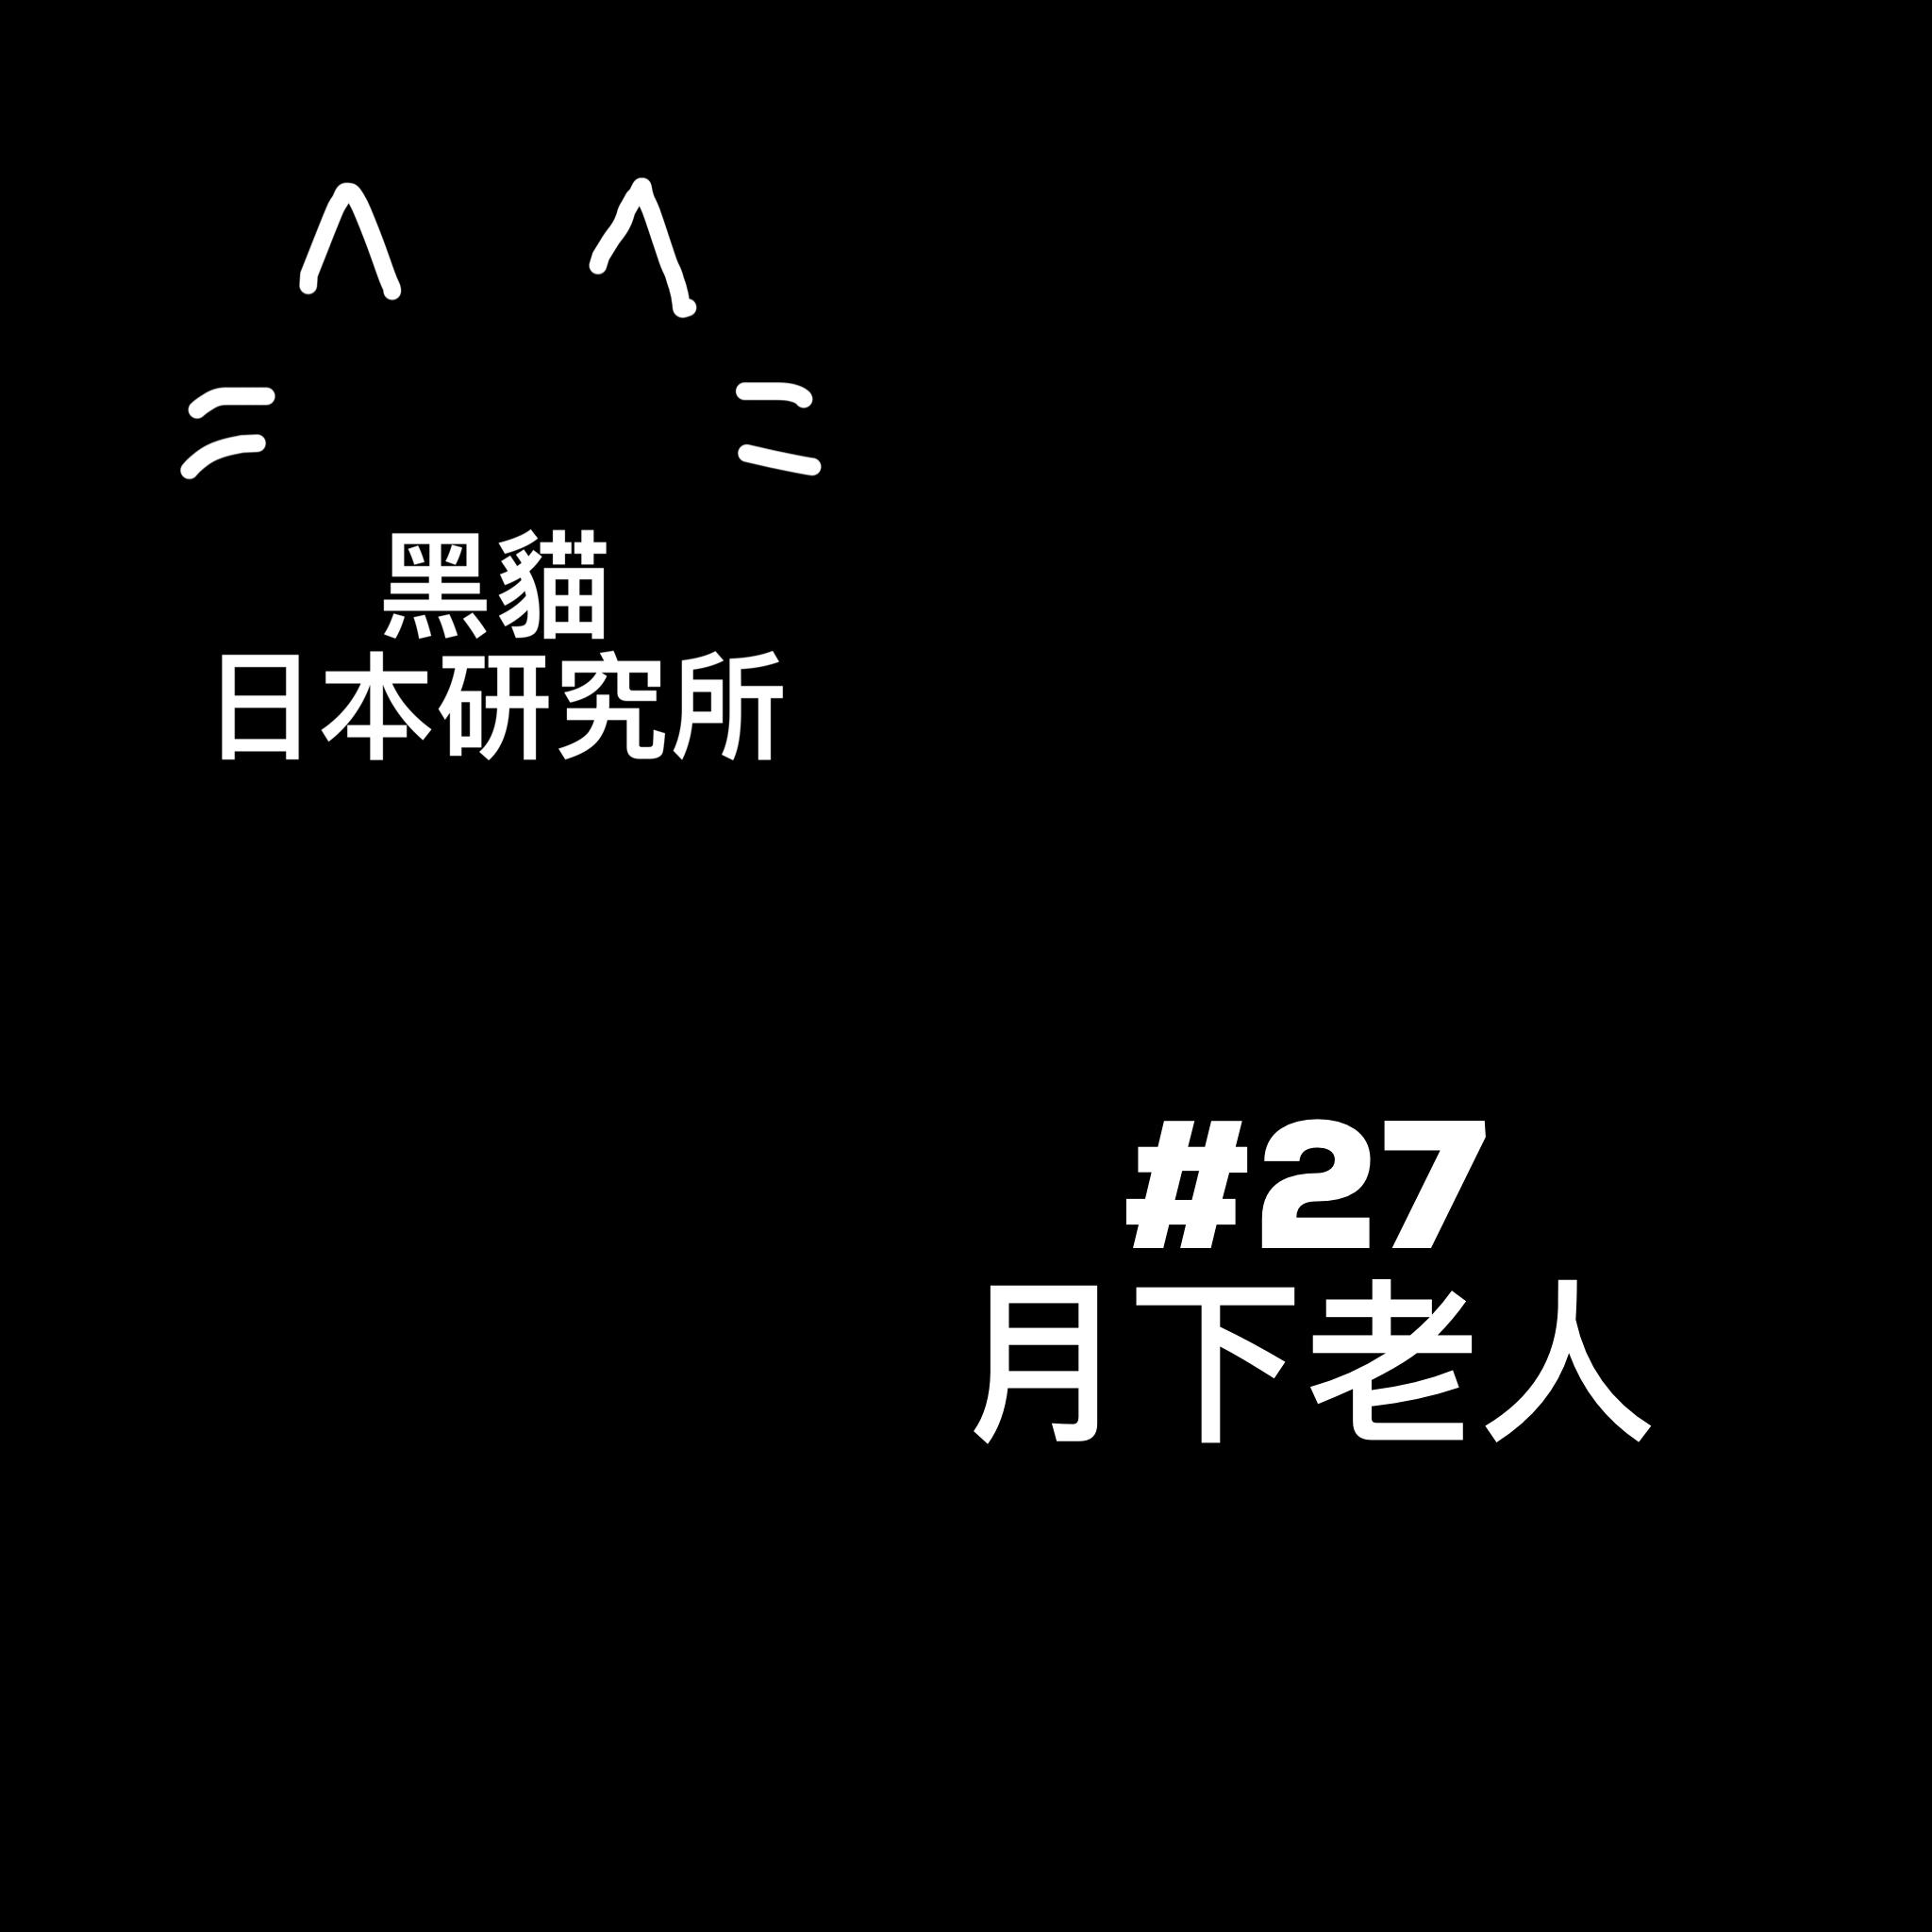 第27集 - 月下老人